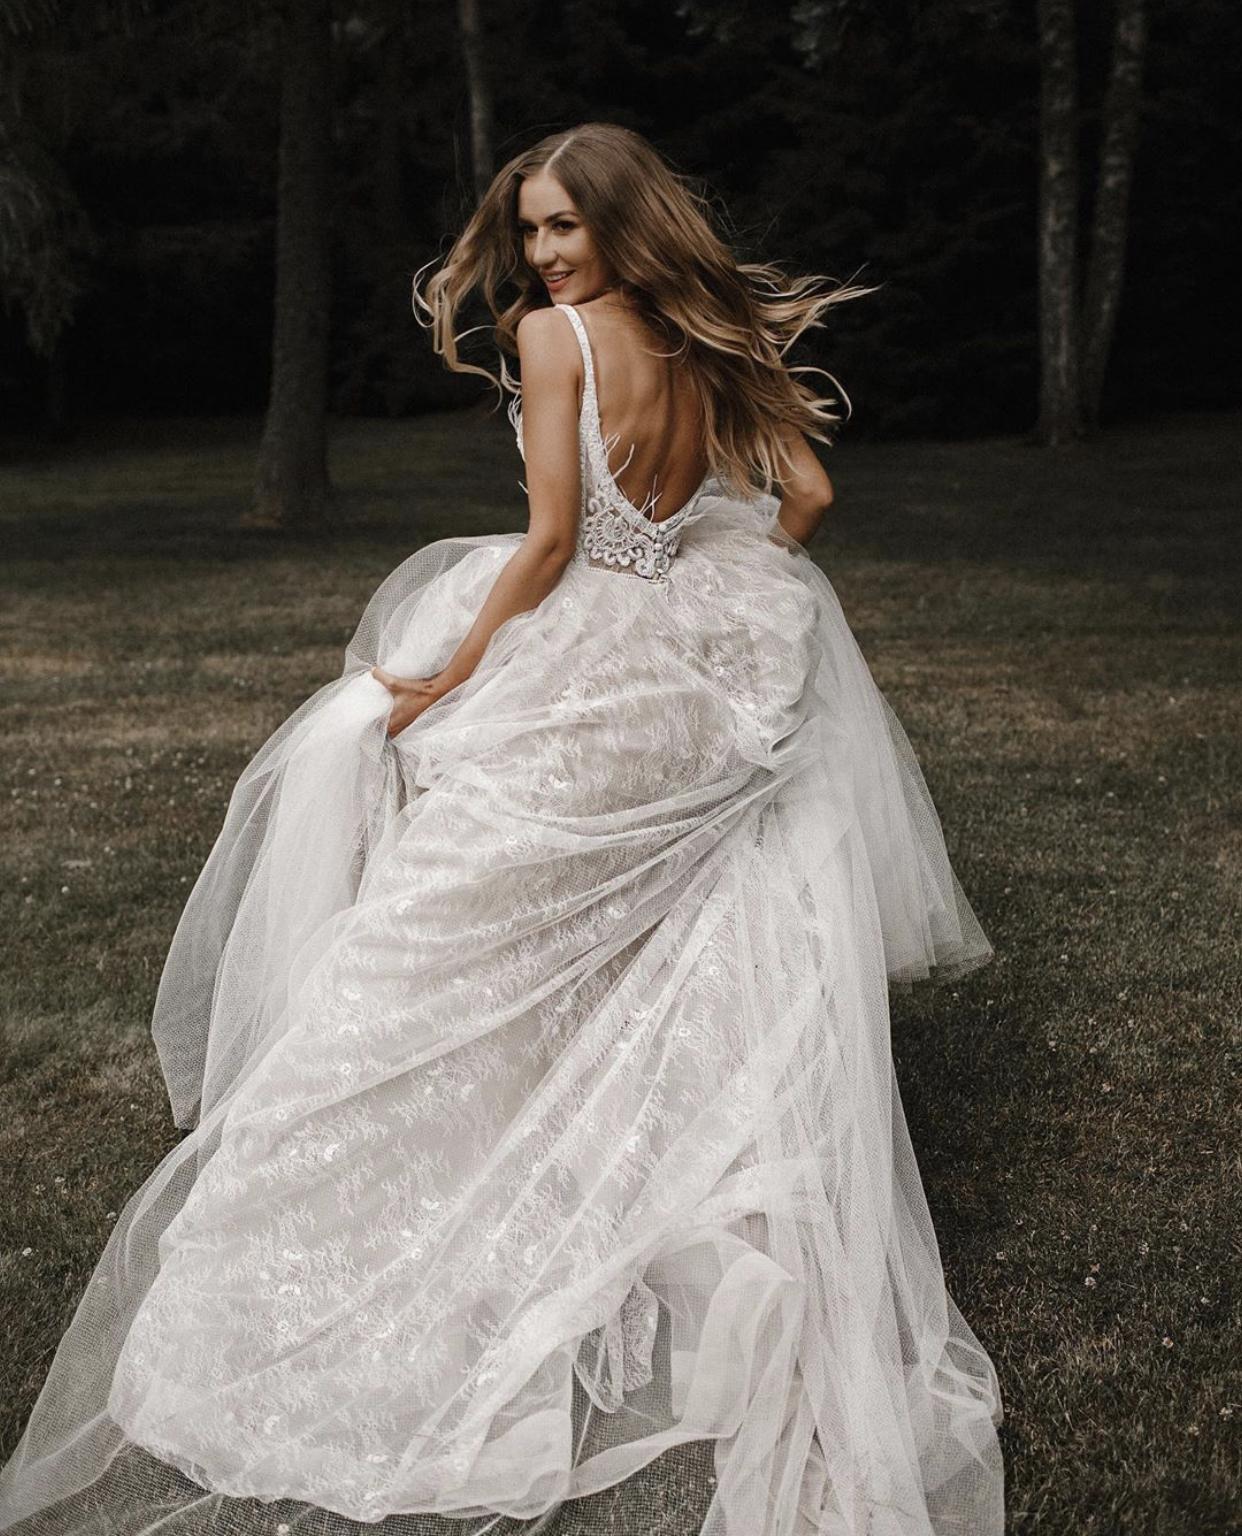 Svatební šaty NEITAL - vice na našem webu https://www.salonhannazlin.cz/